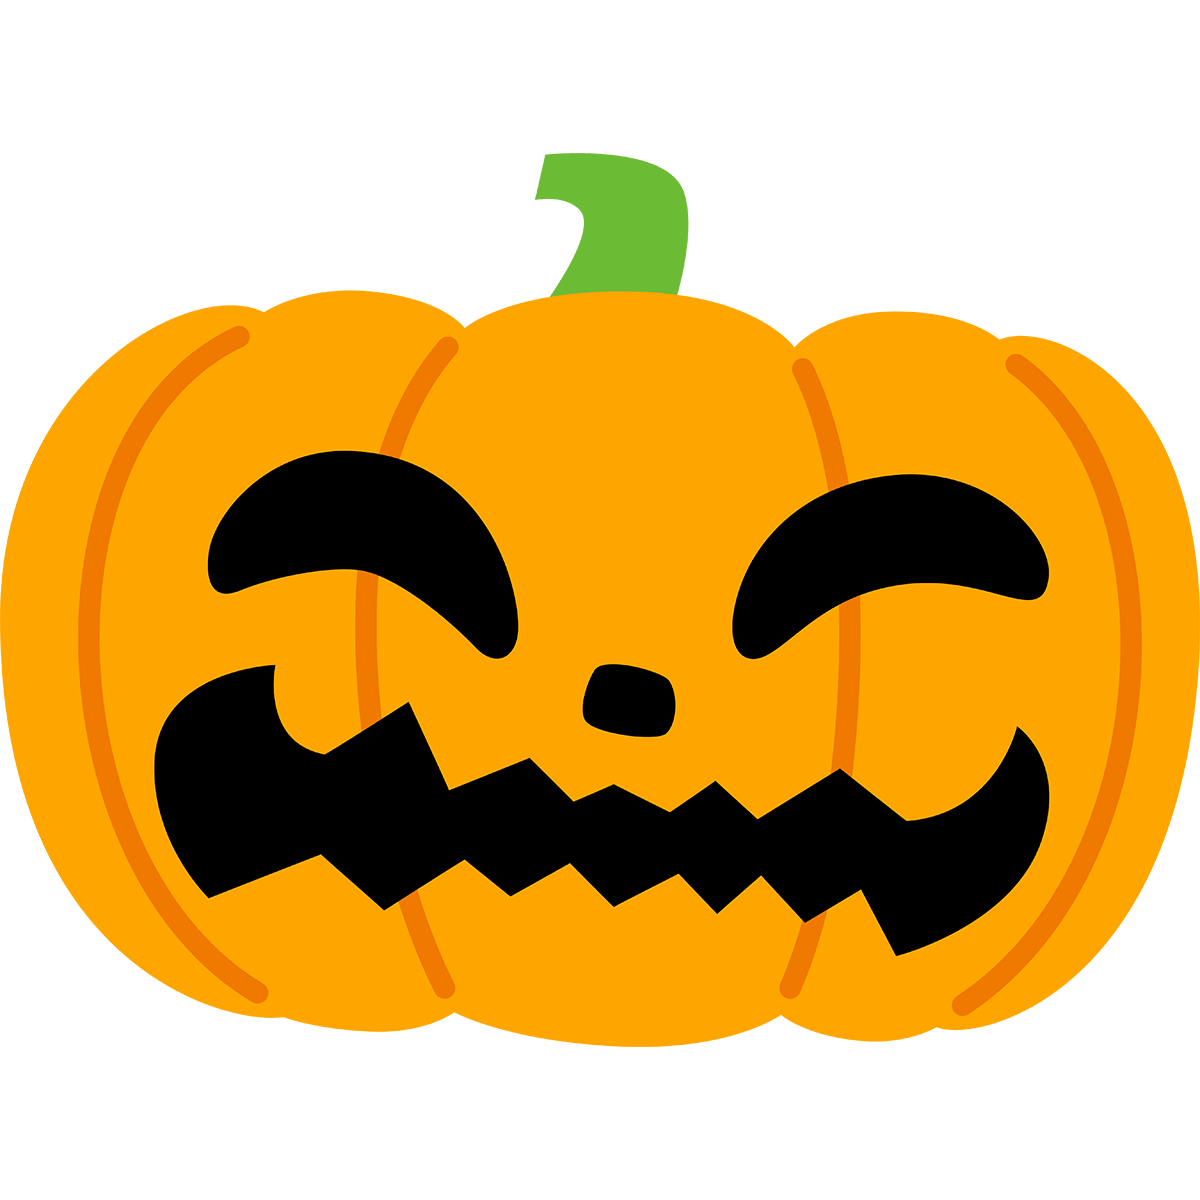 ハロウィンかぼちゃ(平たい)の無料イラスト